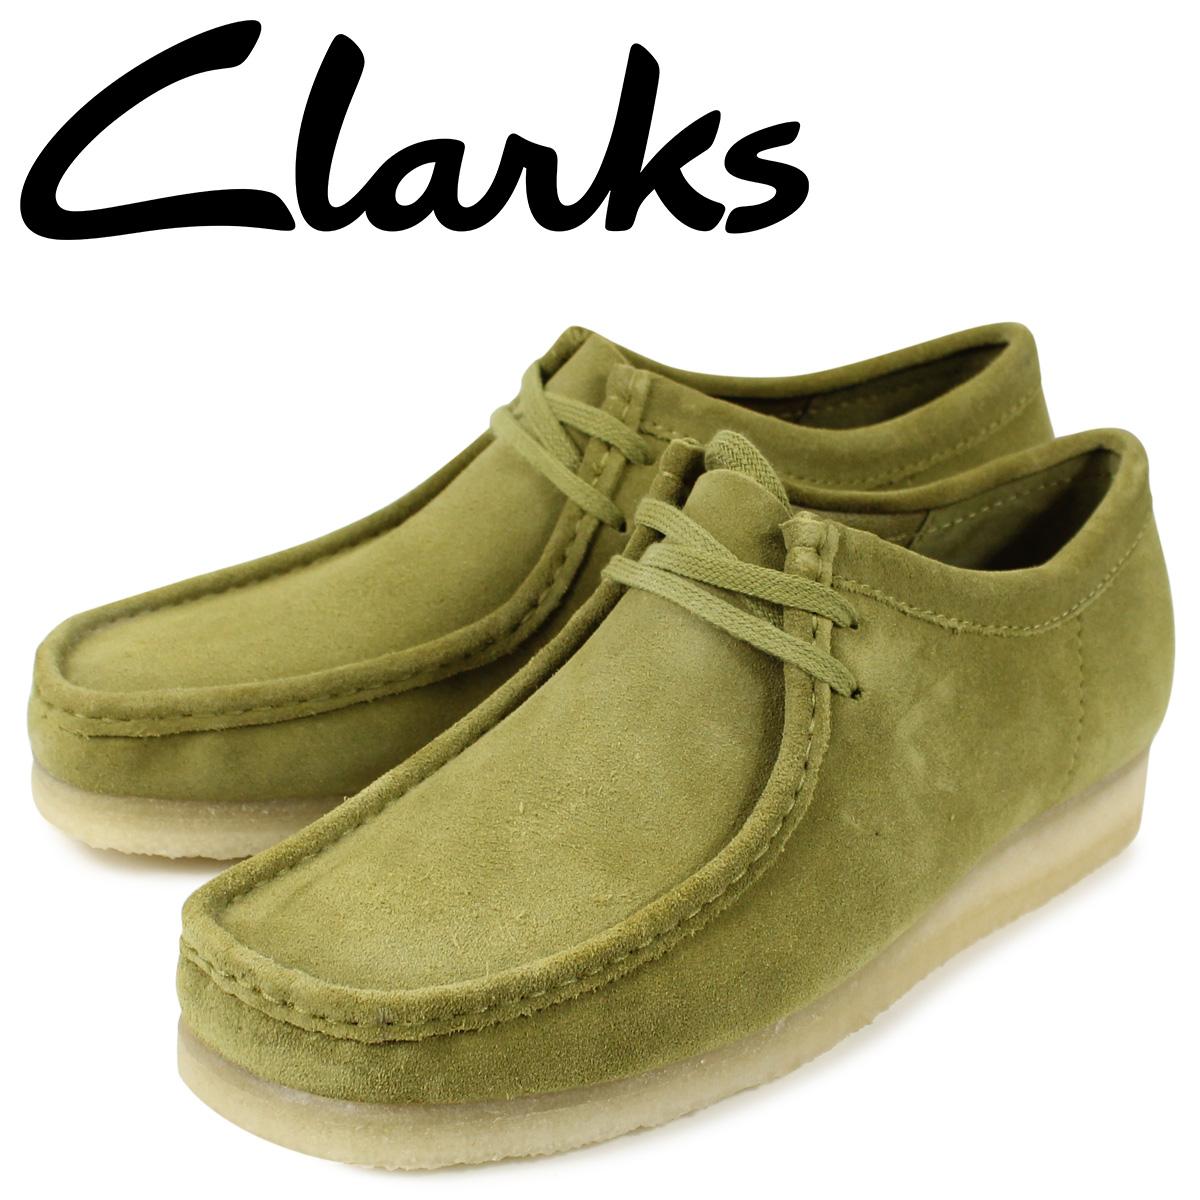 クラークス Clarks ワラビー ブーツ メンズ WALLABEE カーキ 26146513